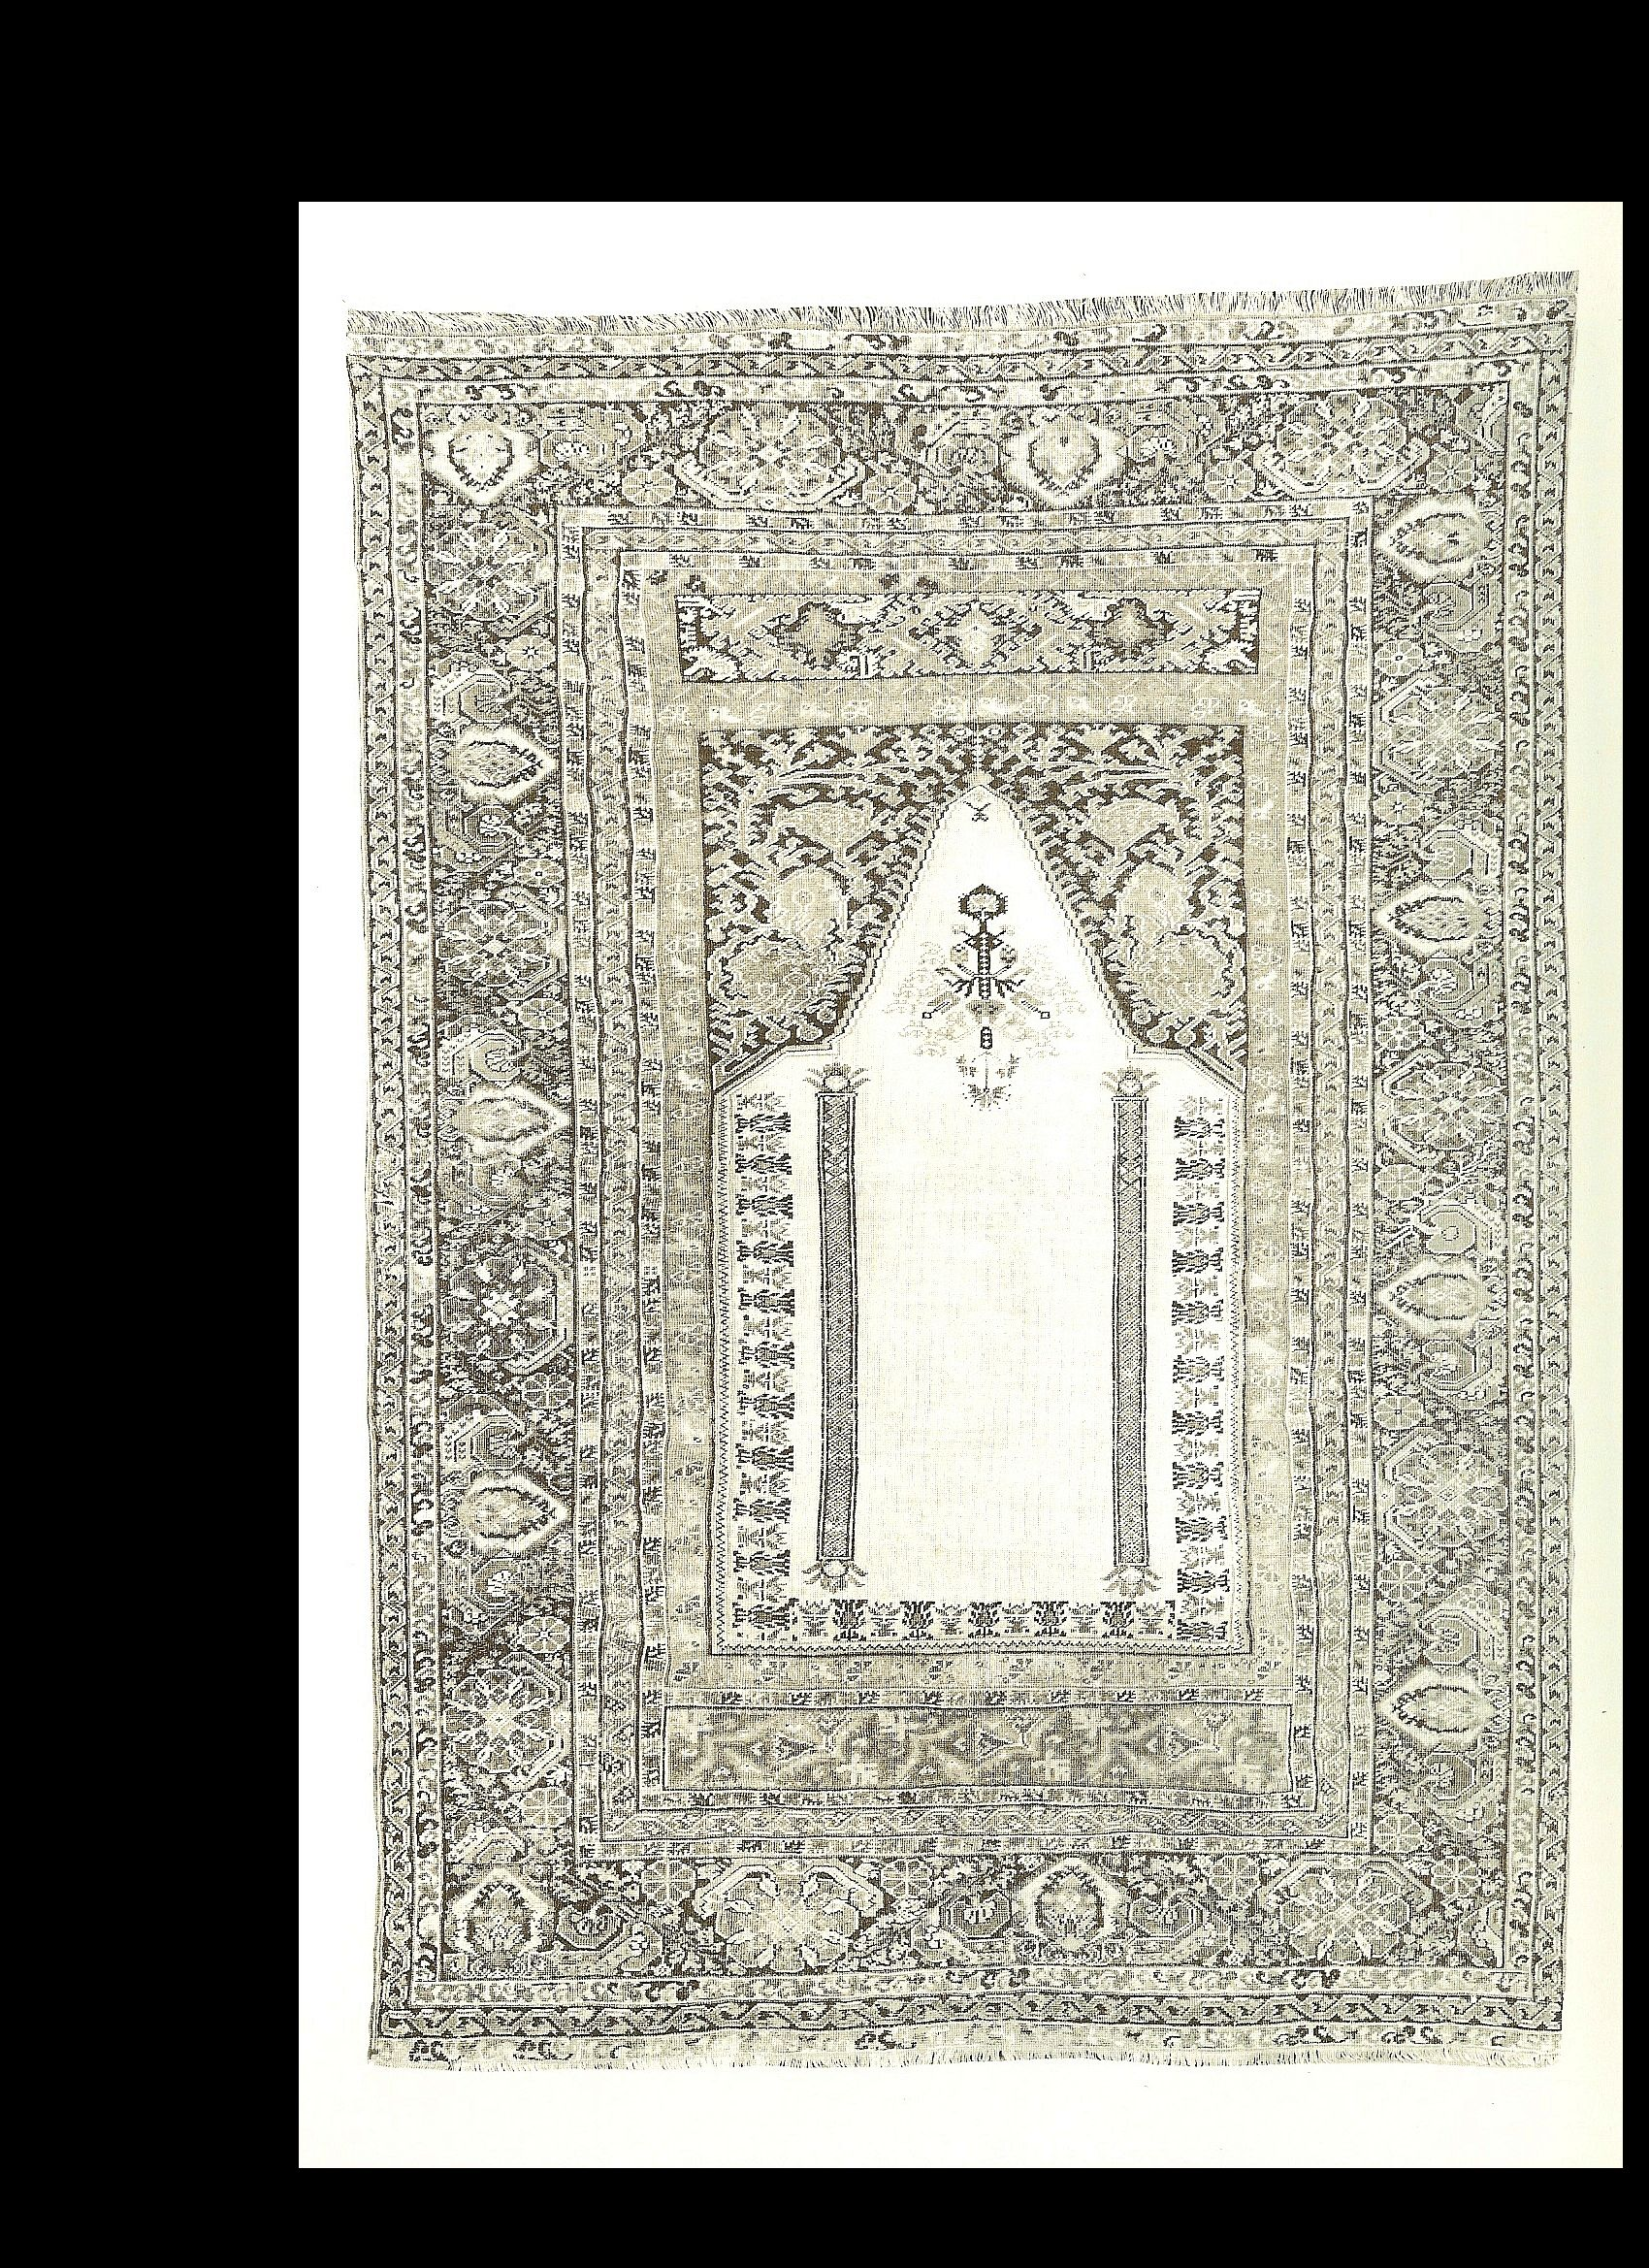 AR6c. Basra Prayer Rug in book